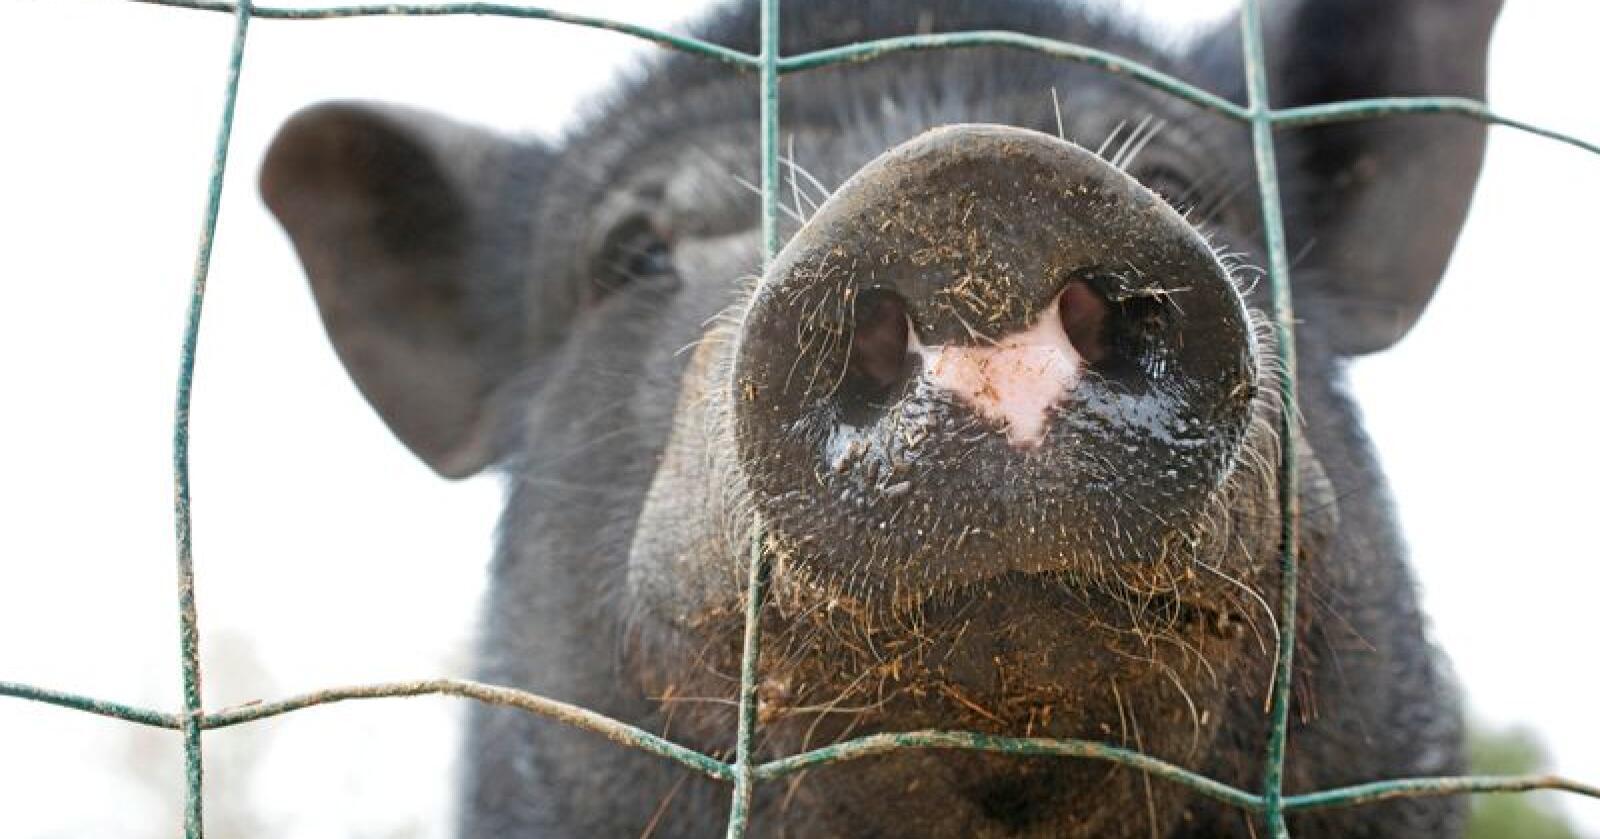 Svinepest kan spre seg fort og gjøre store skader på svinebesetninger. Illustrasjonsfoto: Emmanuelle Bonzami/Mostphotos